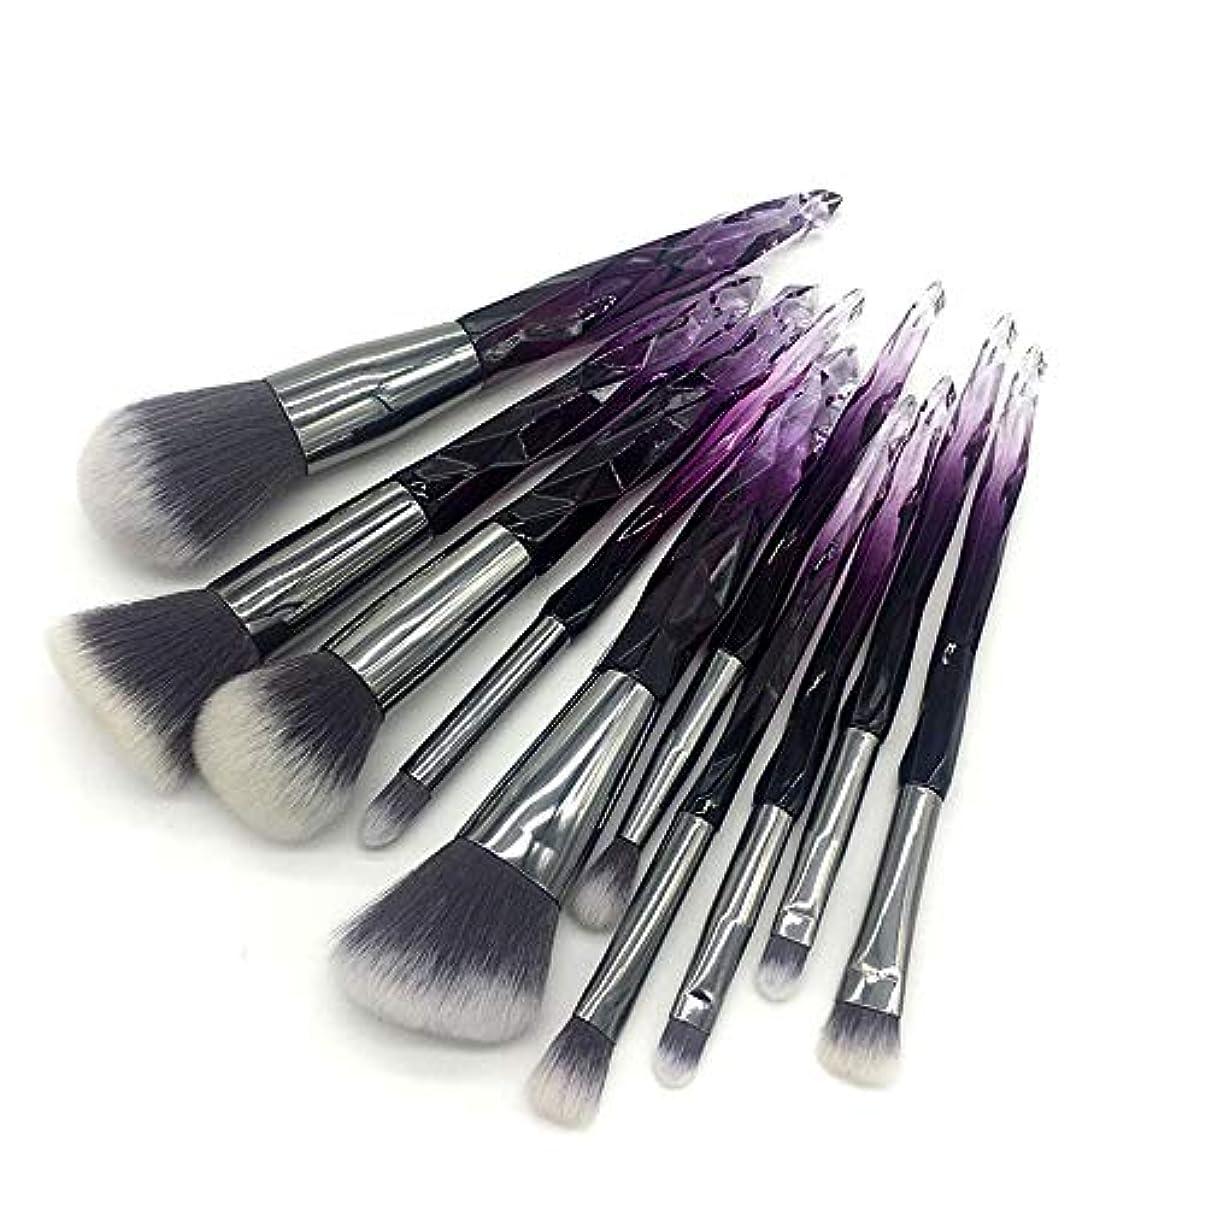 入浴対応山積みのCHANGYUXINTAI-HUAZHUANGSHUA 10化粧ブラシファンデーション、黒と白のブラシ高光沢輪郭ブラシ。 (Color : Black White Hair)